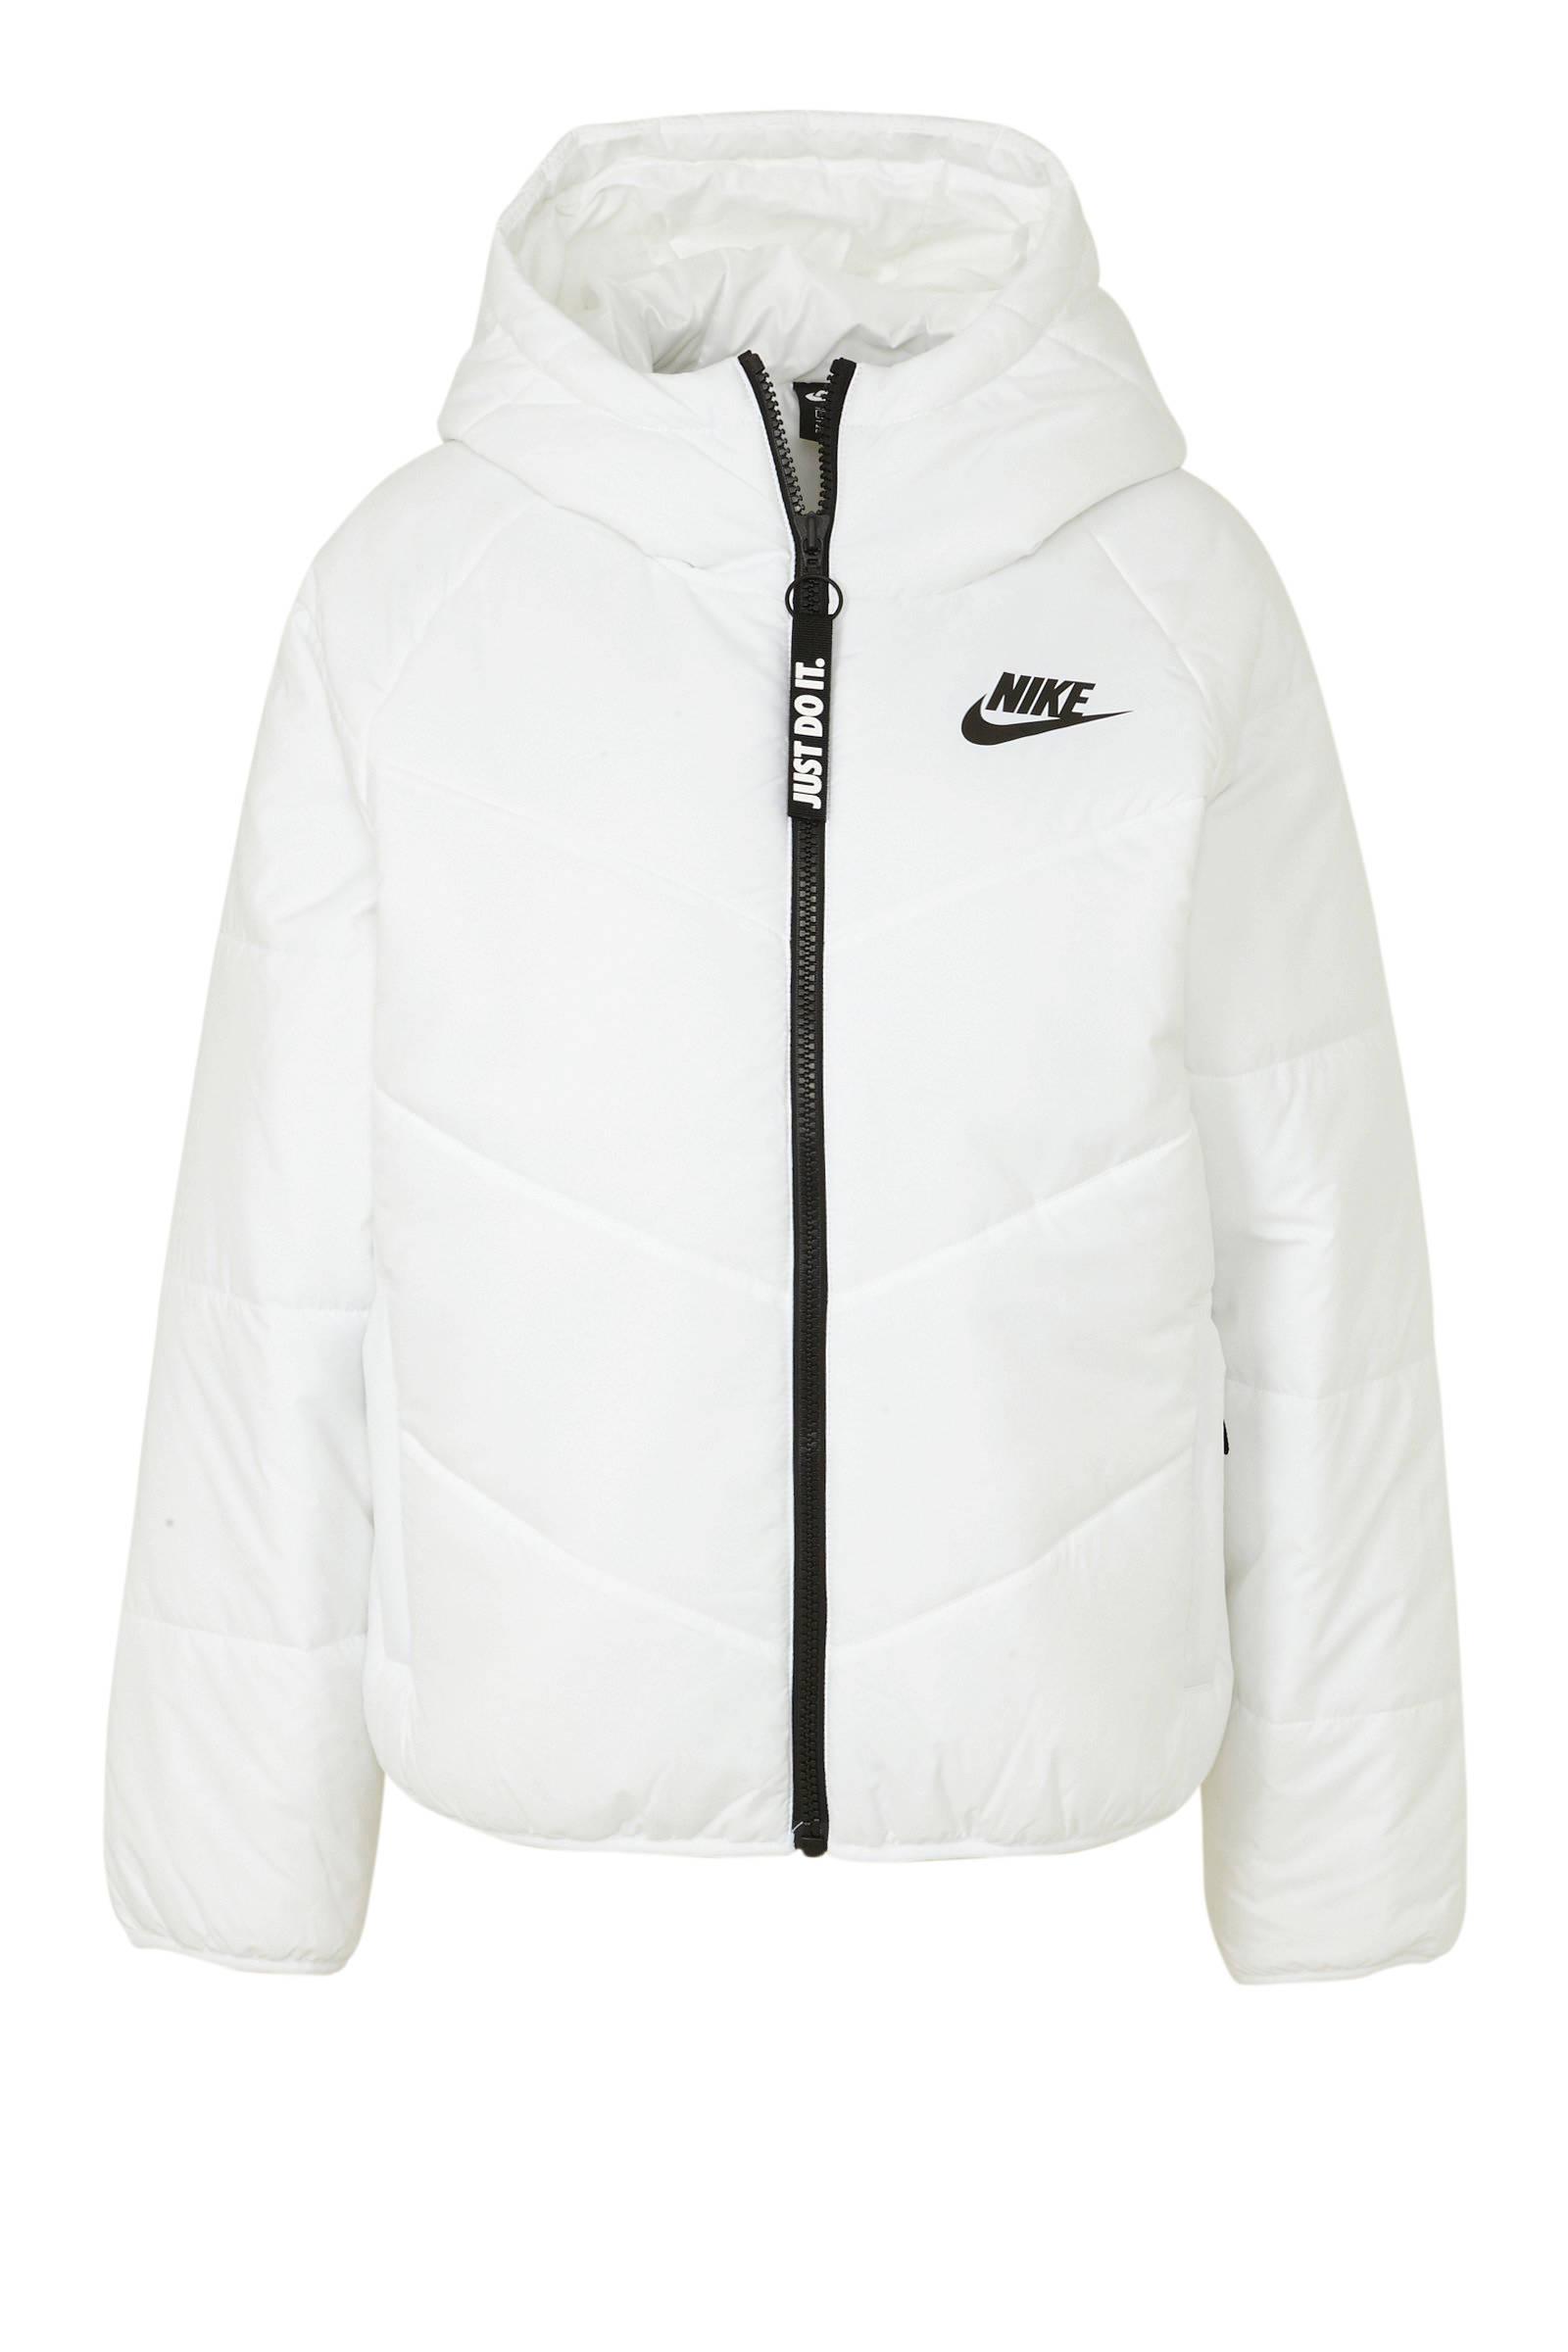 Nike winterjas wit   wehkamp